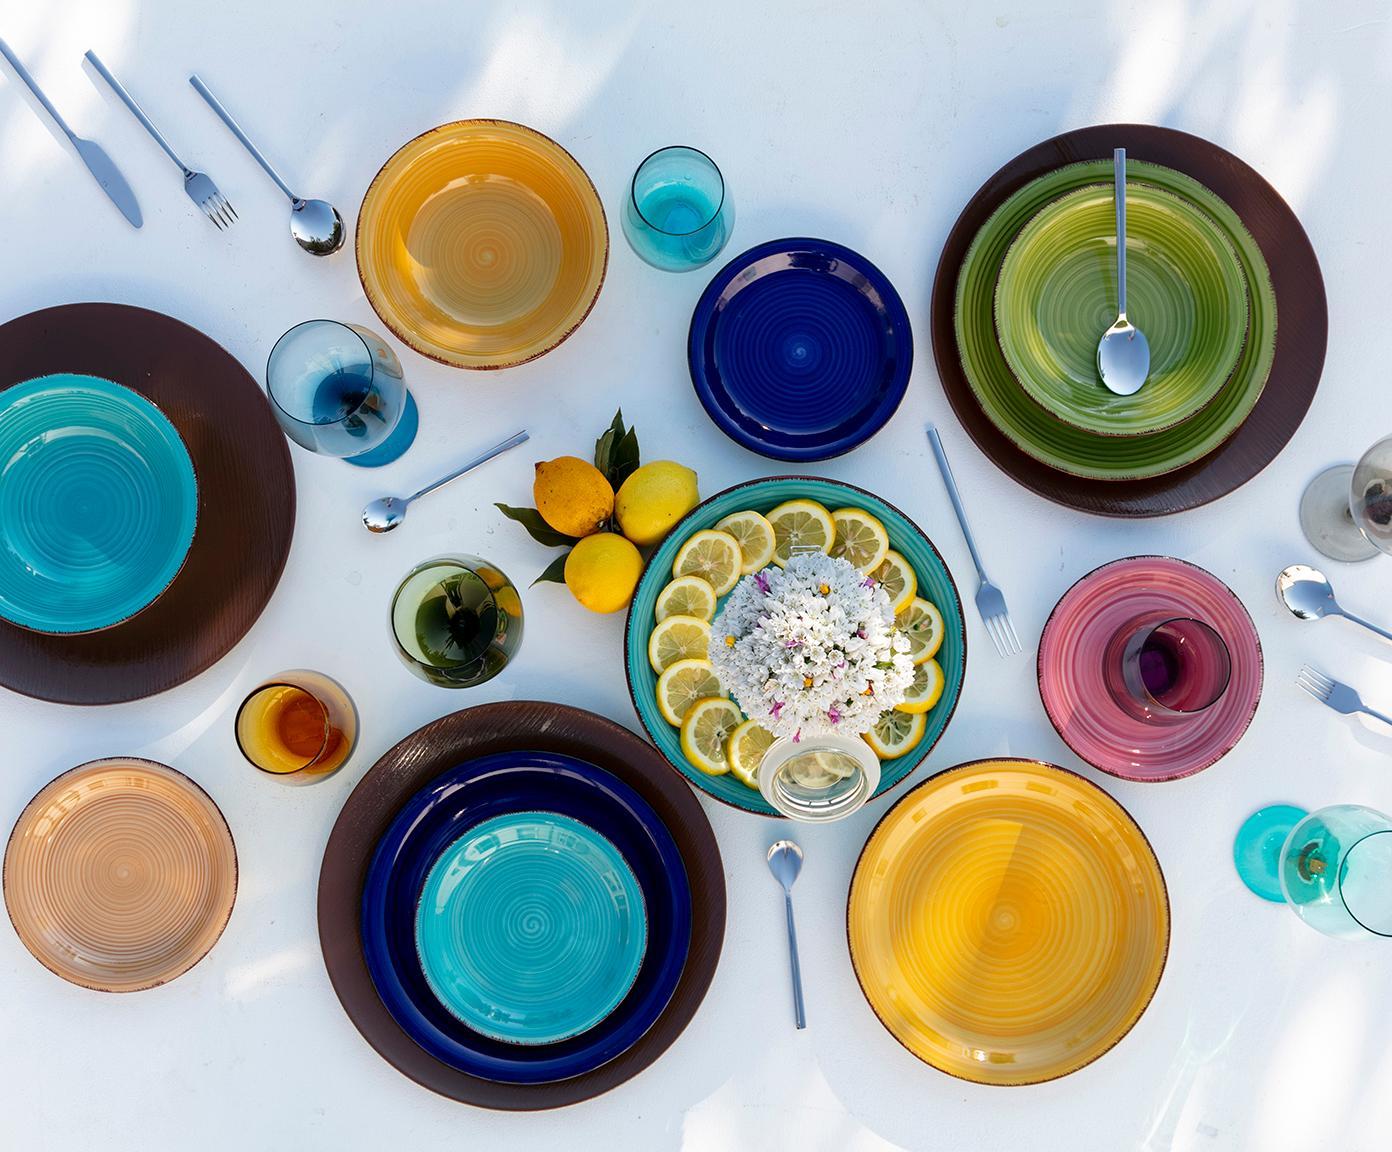 Komplet naczyń Baita, 18elem., Kamionka (twardy dolomit), ręcznie malowana, Ciemnyniebieski, czerwony, zielony, turkusowy, żółty, jasny pomarańczowy, Różne rozmiary